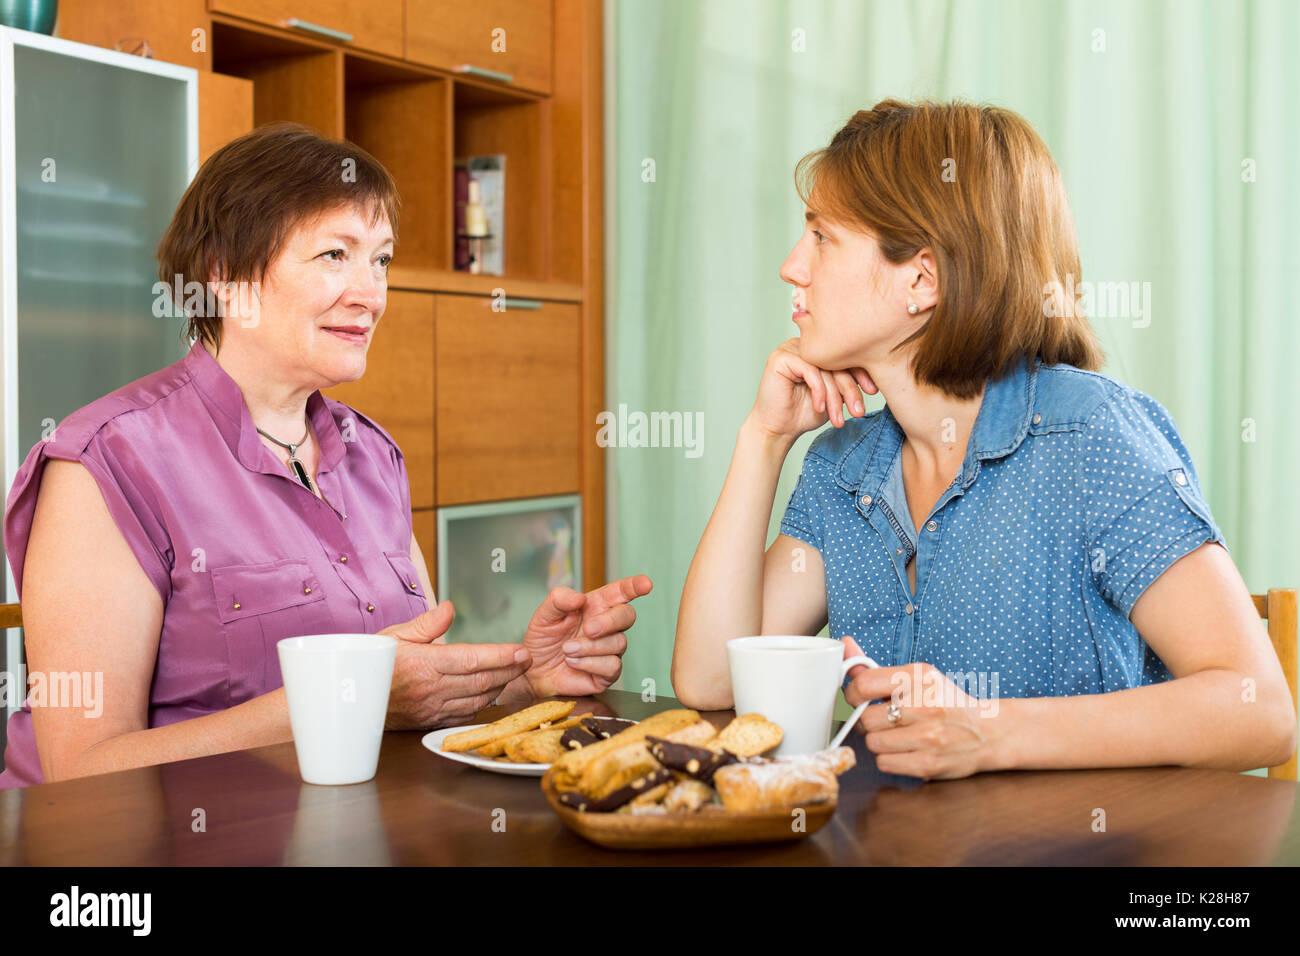 Reife Frau und ihre Tochter Tee-trinken und in einer Diskussion Stockfoto